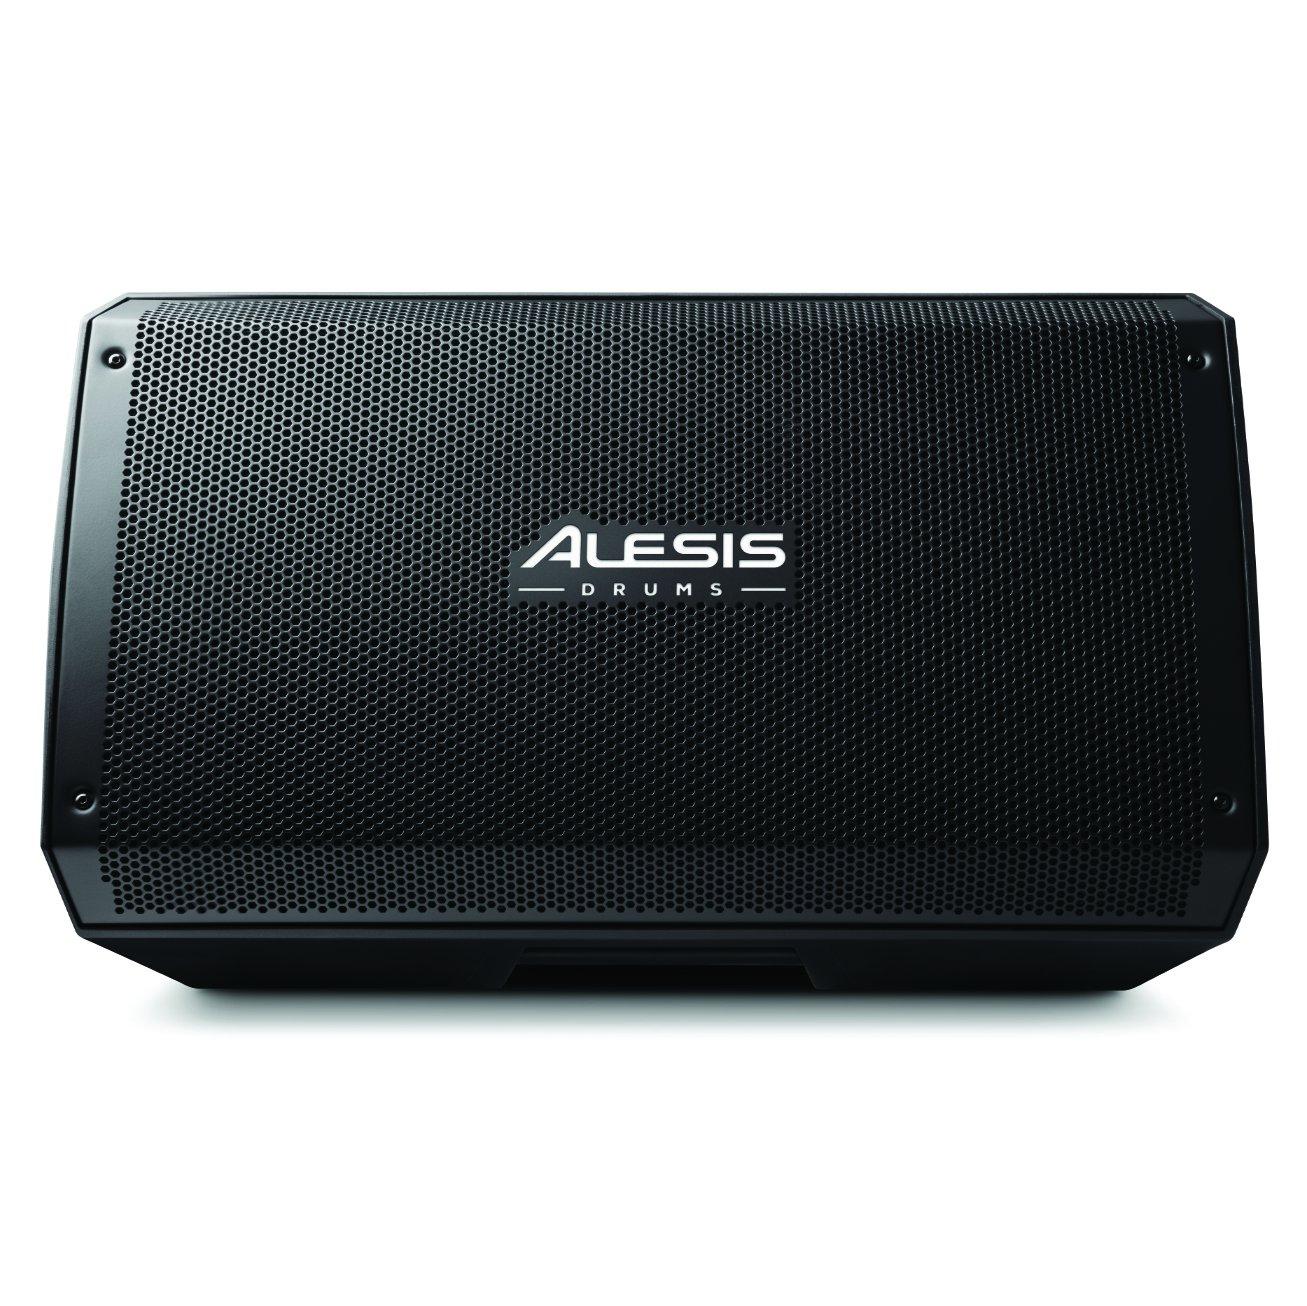 Alesis Strike Amp 12 2000-watt Powered Drum Amplifier